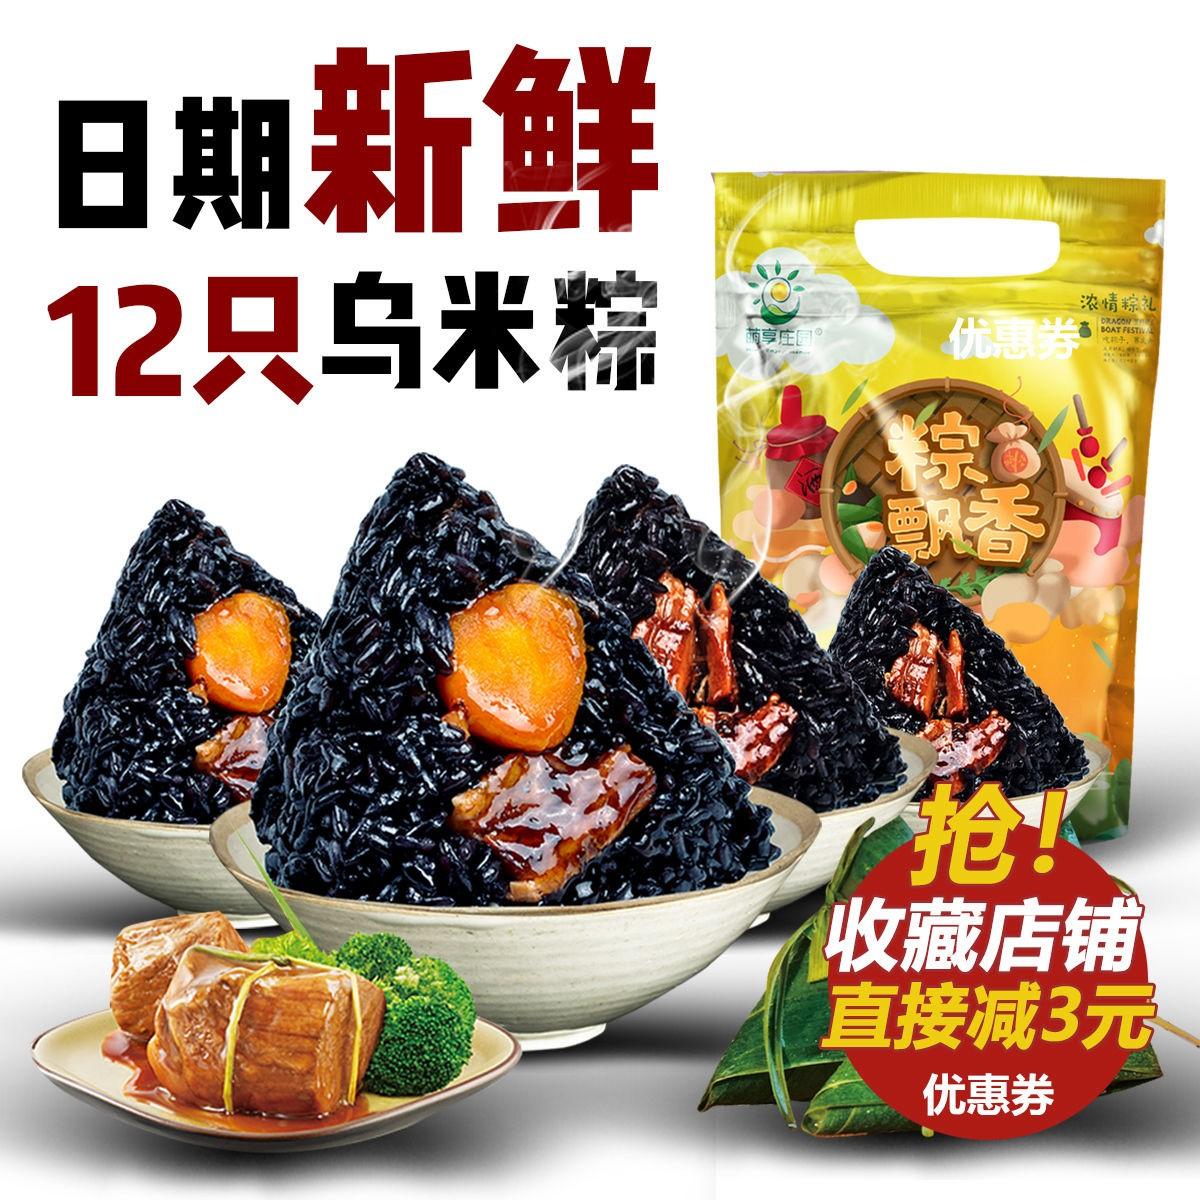 【12只特价2只可选】萌享庄园乌米蛋黄肉粽子蜜枣豆沙粽子礼盒